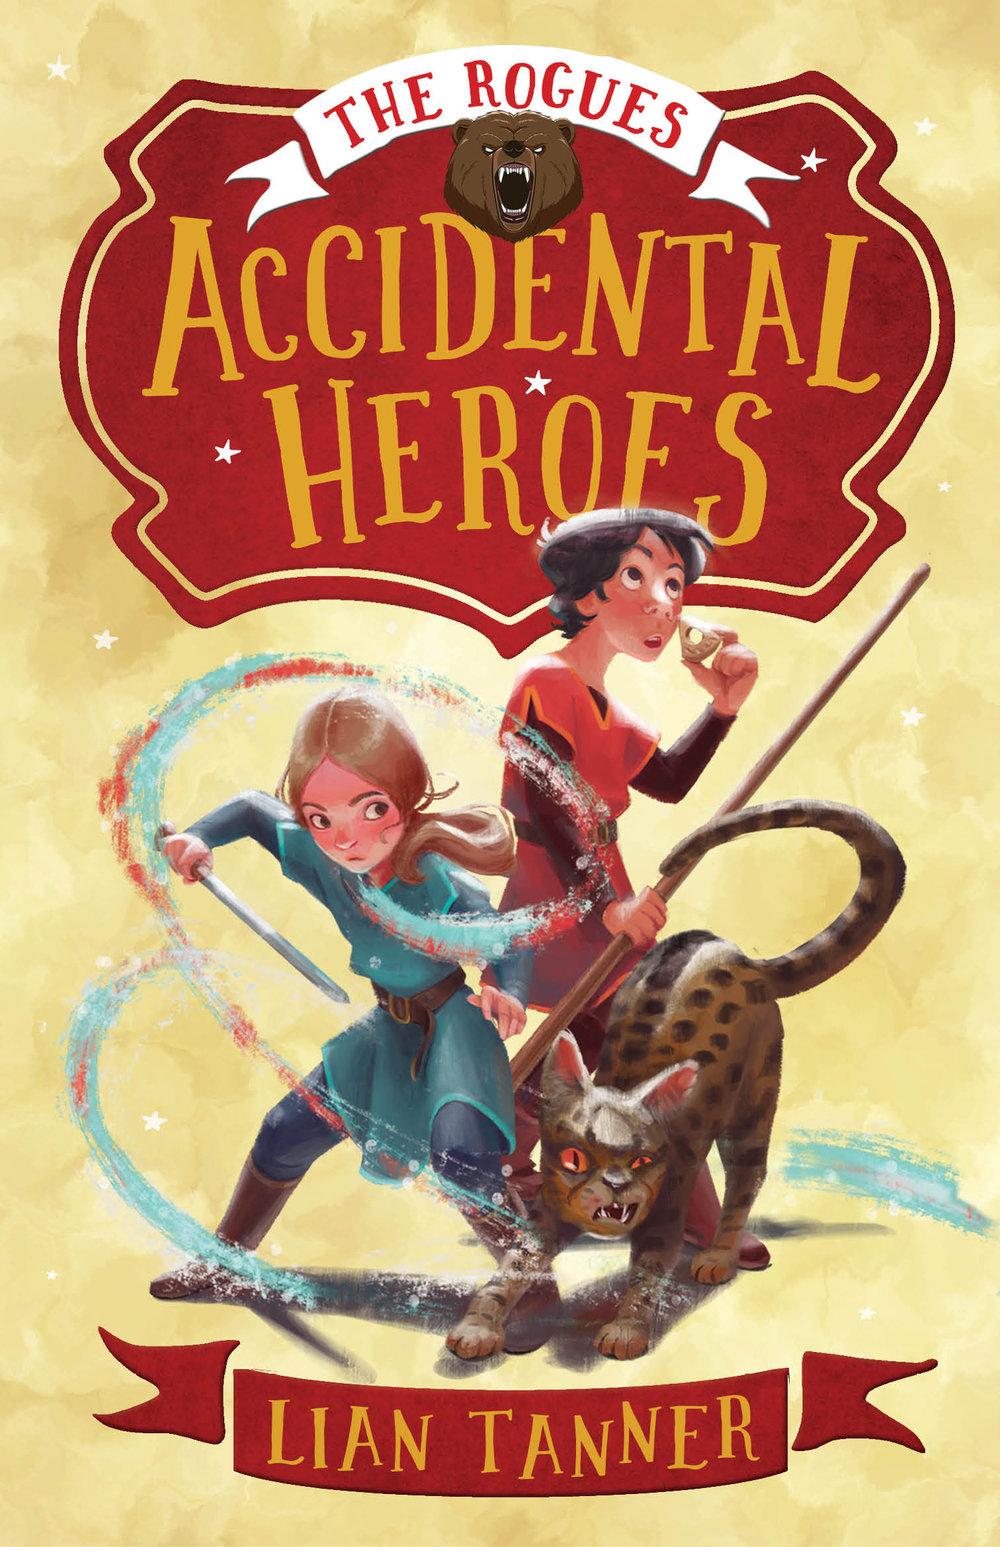 accidental heroes cover.jpg